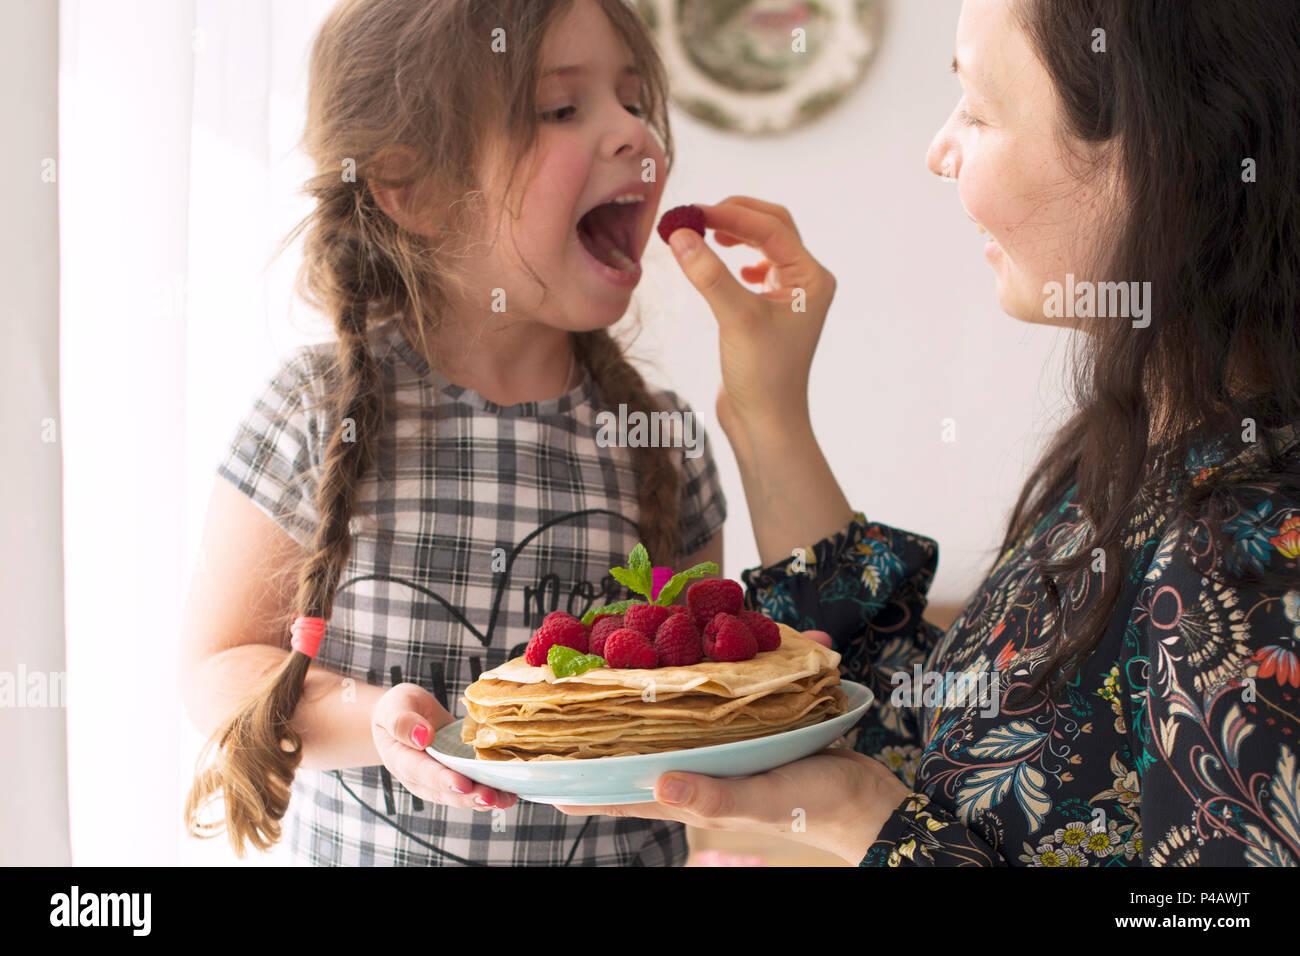 La maman et la fille sont titulaires d'une plaque avec des crêpes maison et de baies. Délicieux petit-déjeuner à la maison. Une famille heureuse. Bonjour, Photo Stock